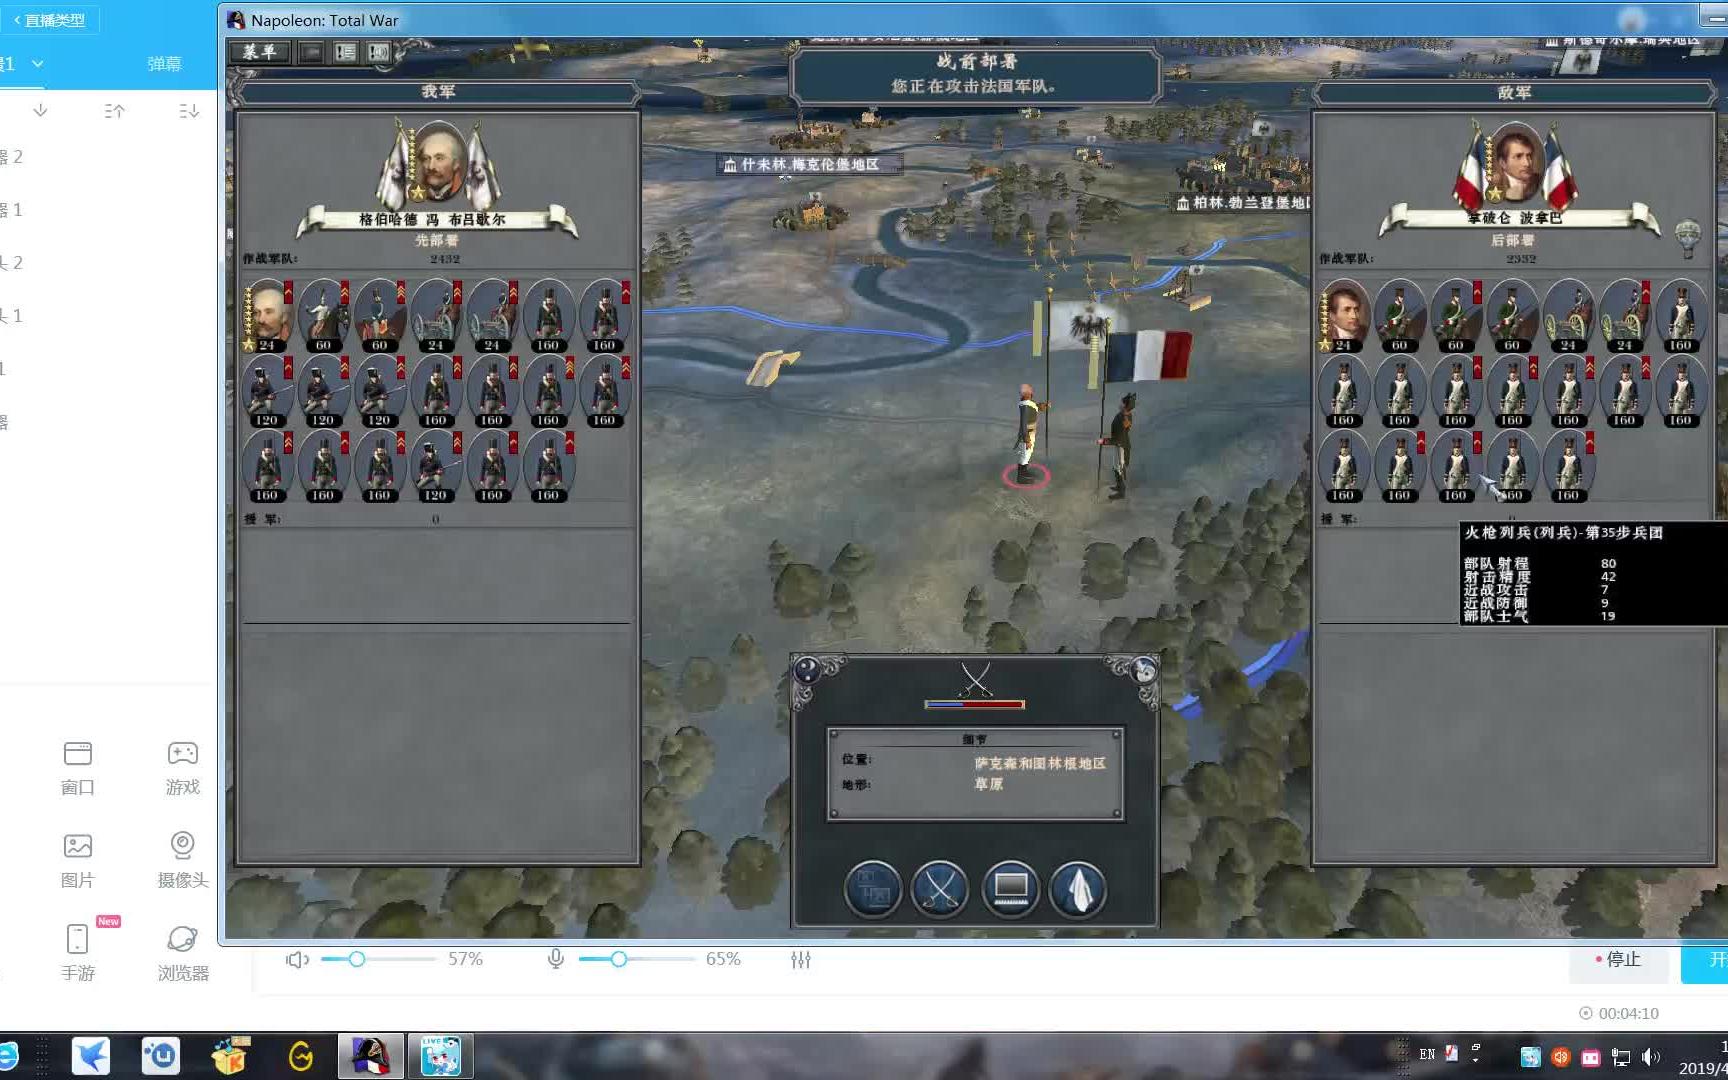 【大榛子】拿破仑全面战争普鲁士新档第二期——杀死那个法兰西人